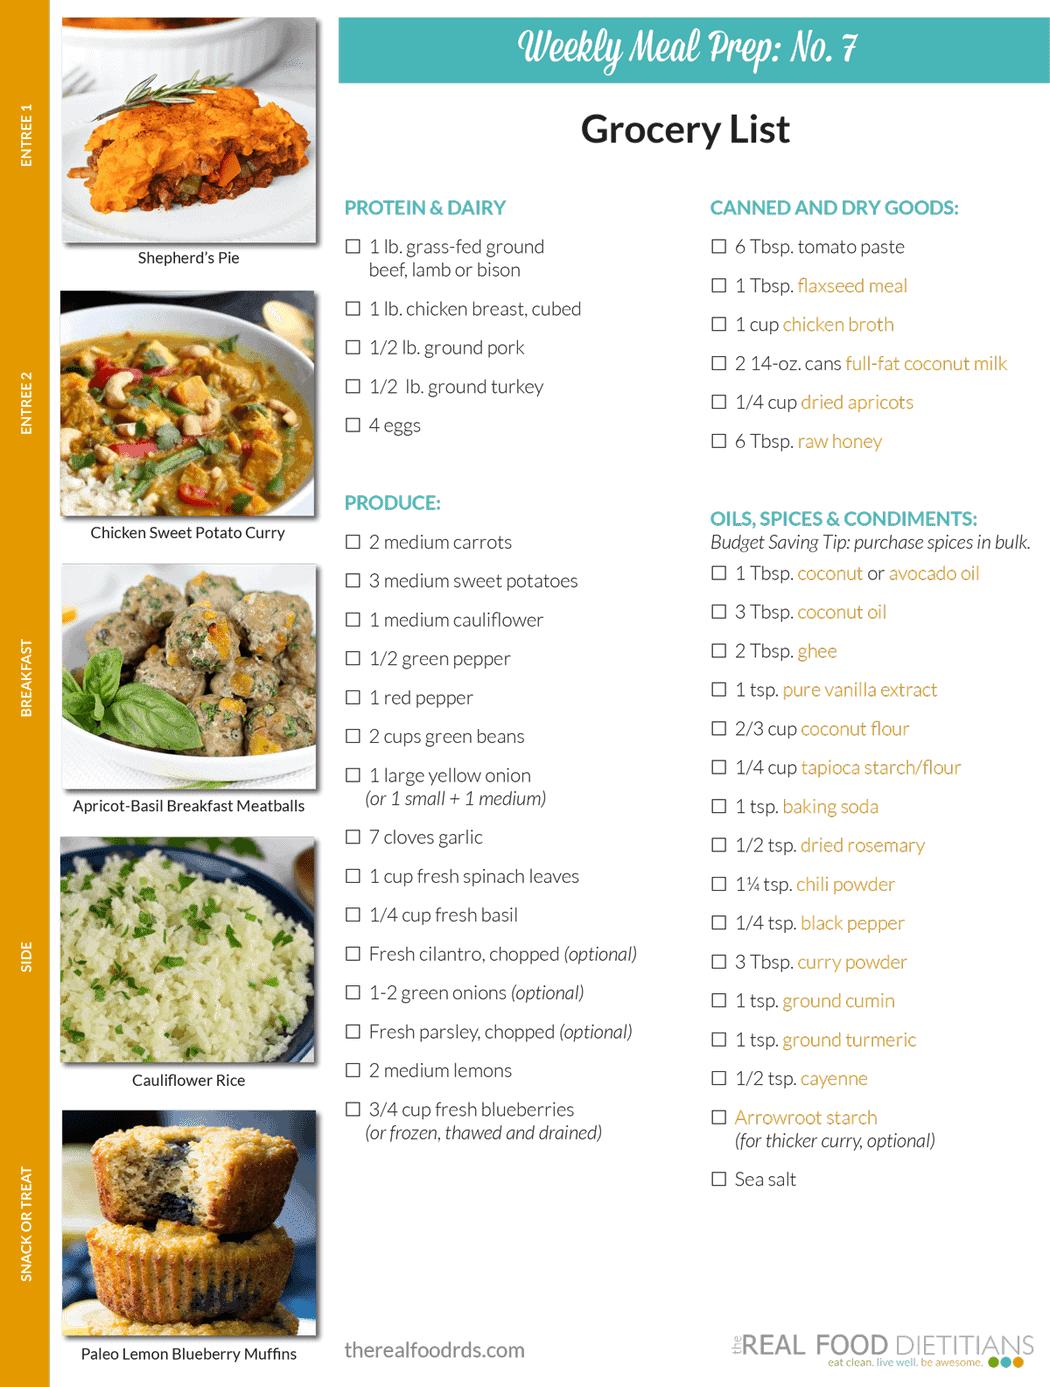 Weekly Meal Prep Menu: No. 7 - The Real Food Dietitians